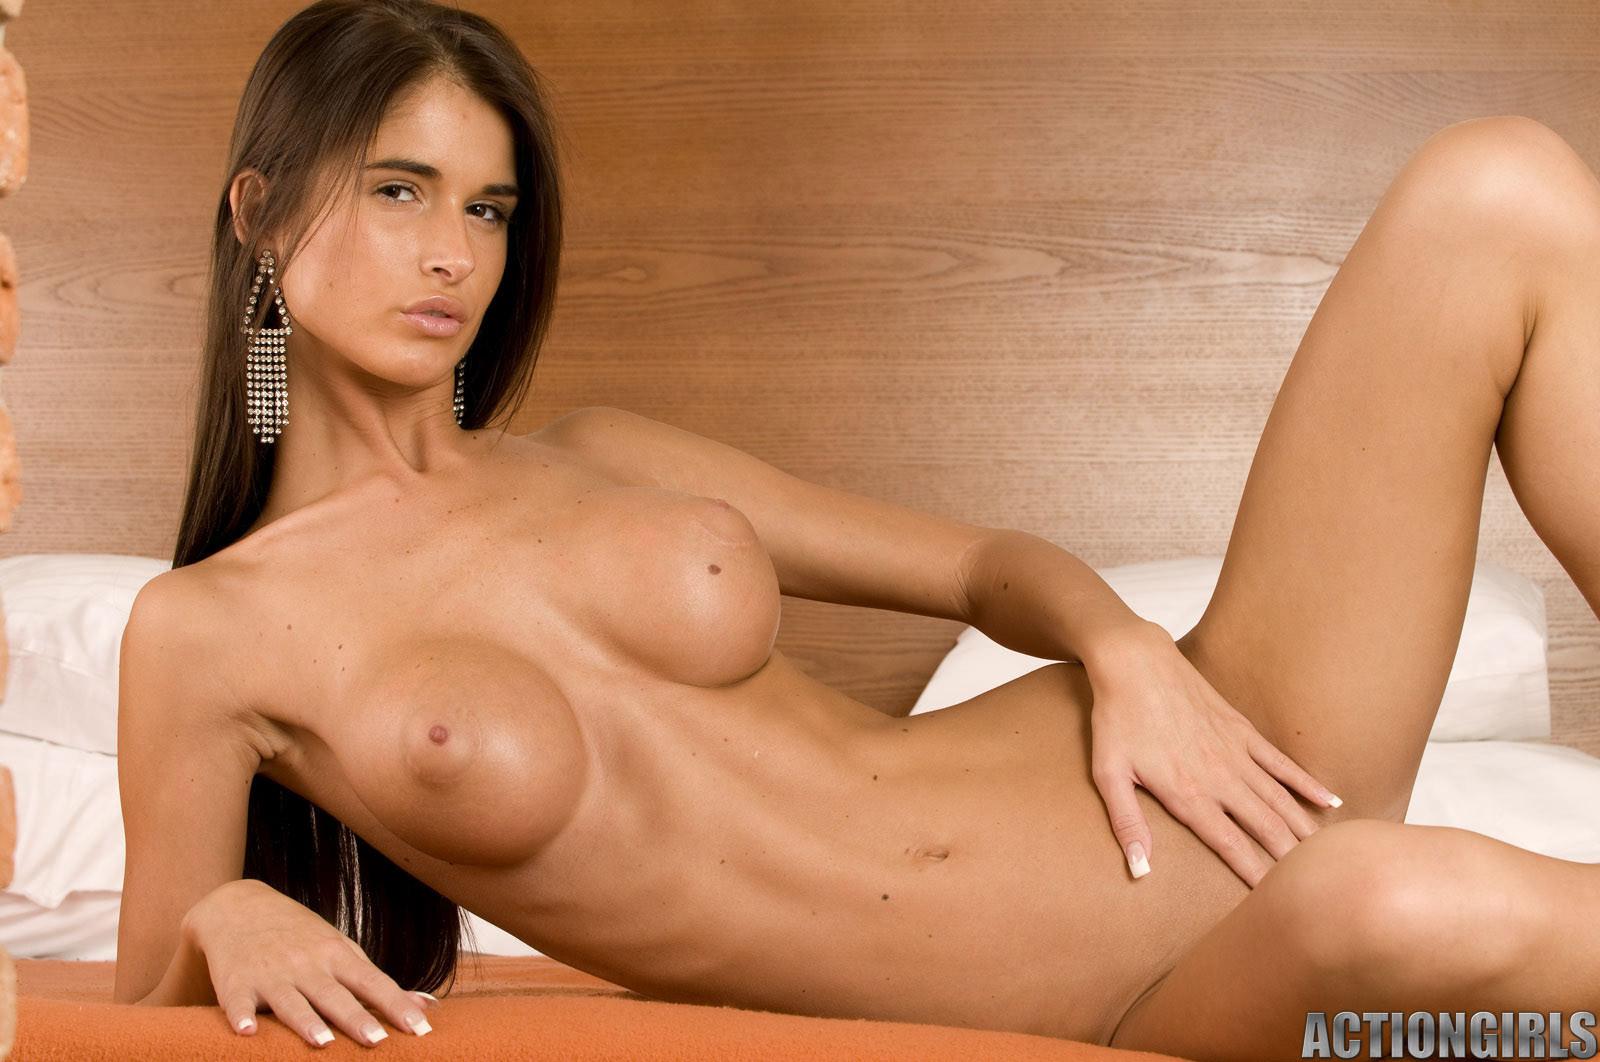 Обнаженная порнозвезда Samantha Jolie смотреть онлайн 3 фото